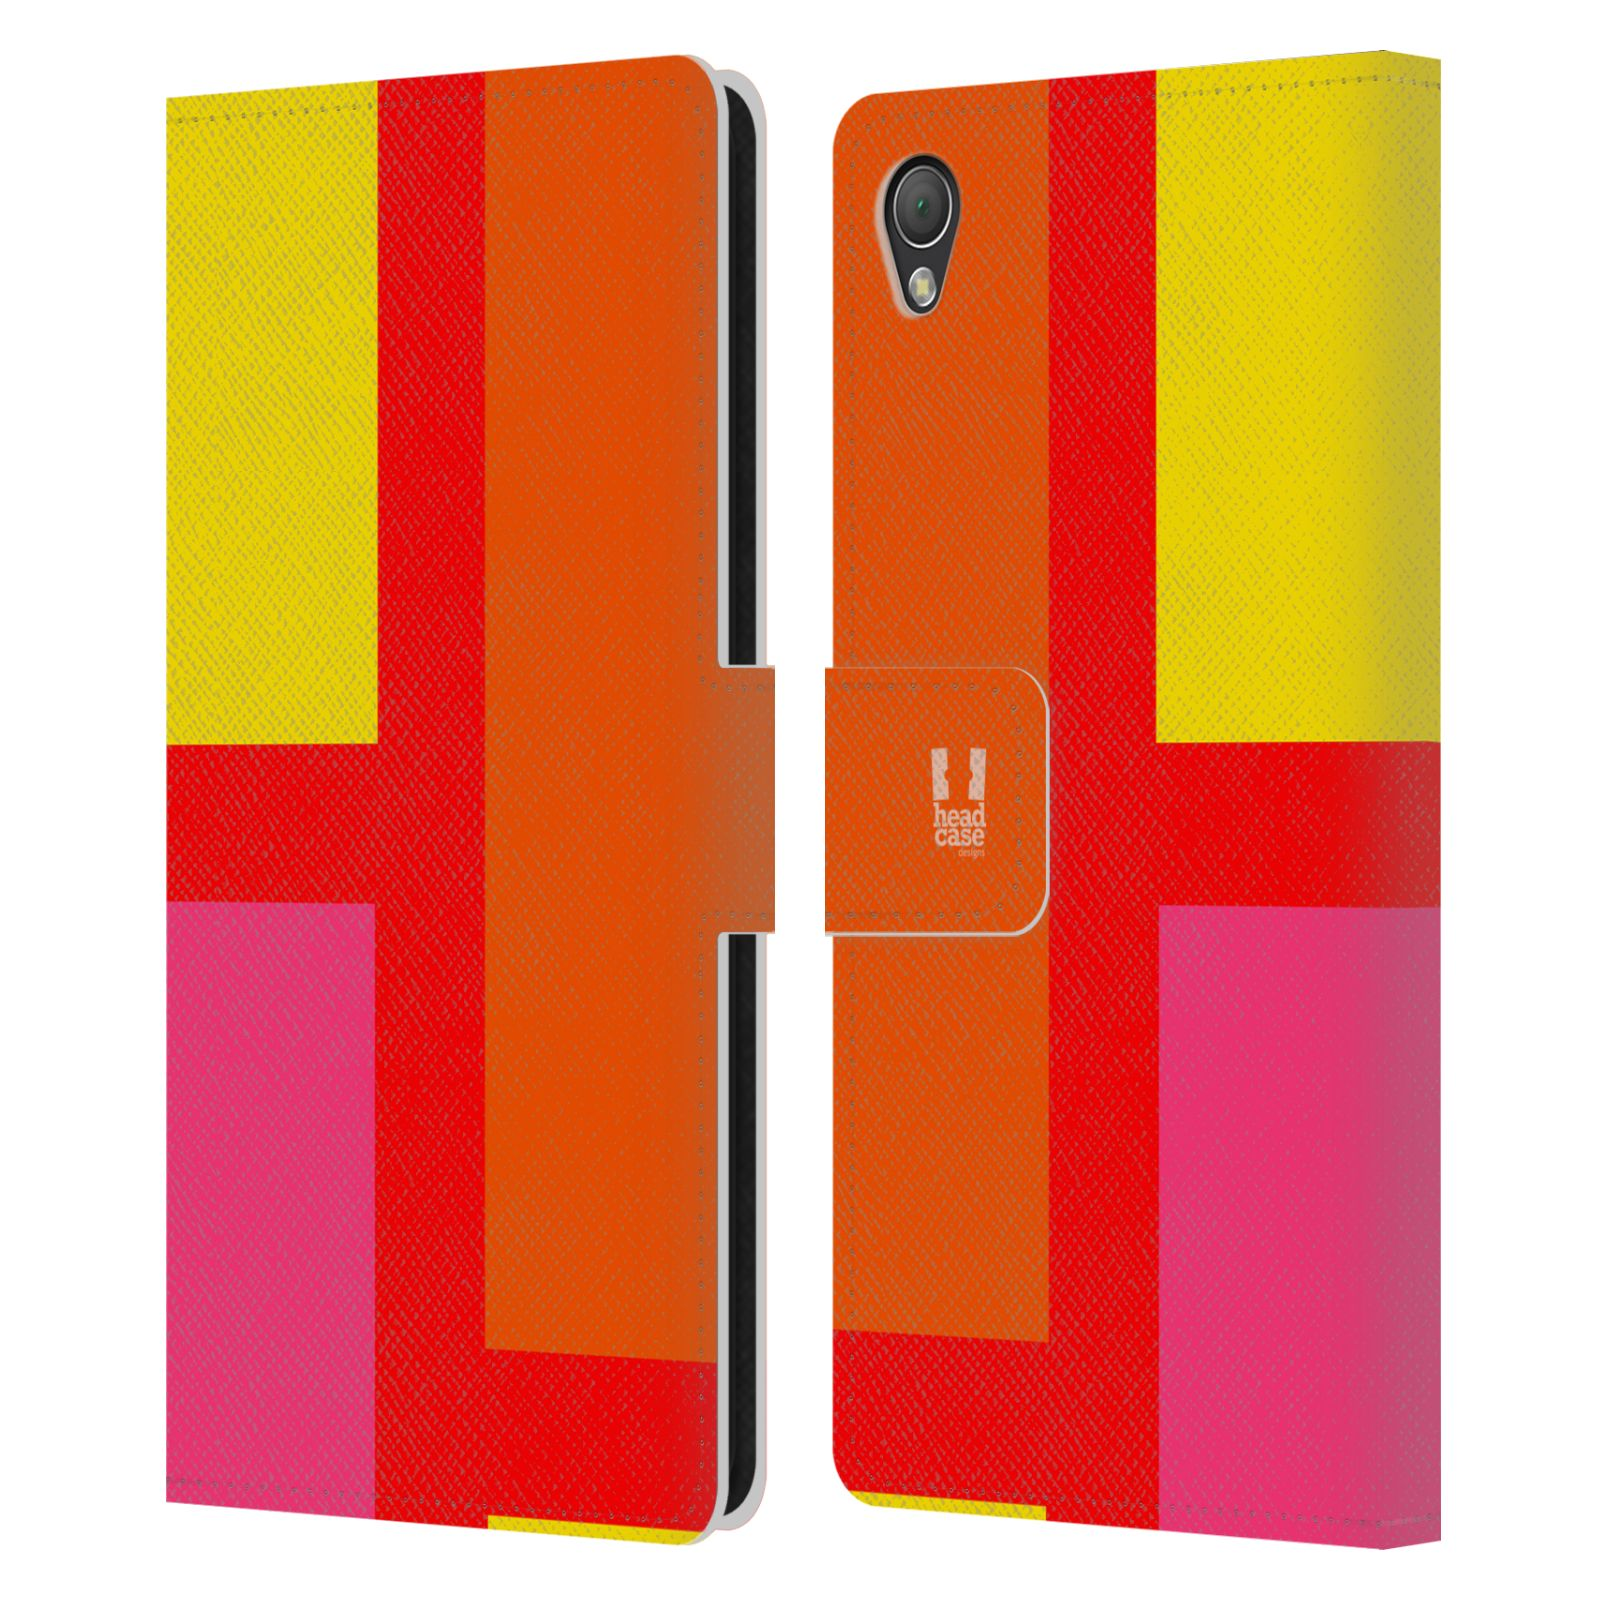 HEAD CASE Flipové pouzdro pro mobil SONY XPERIA Z3 barevné tvary oranžová ulice